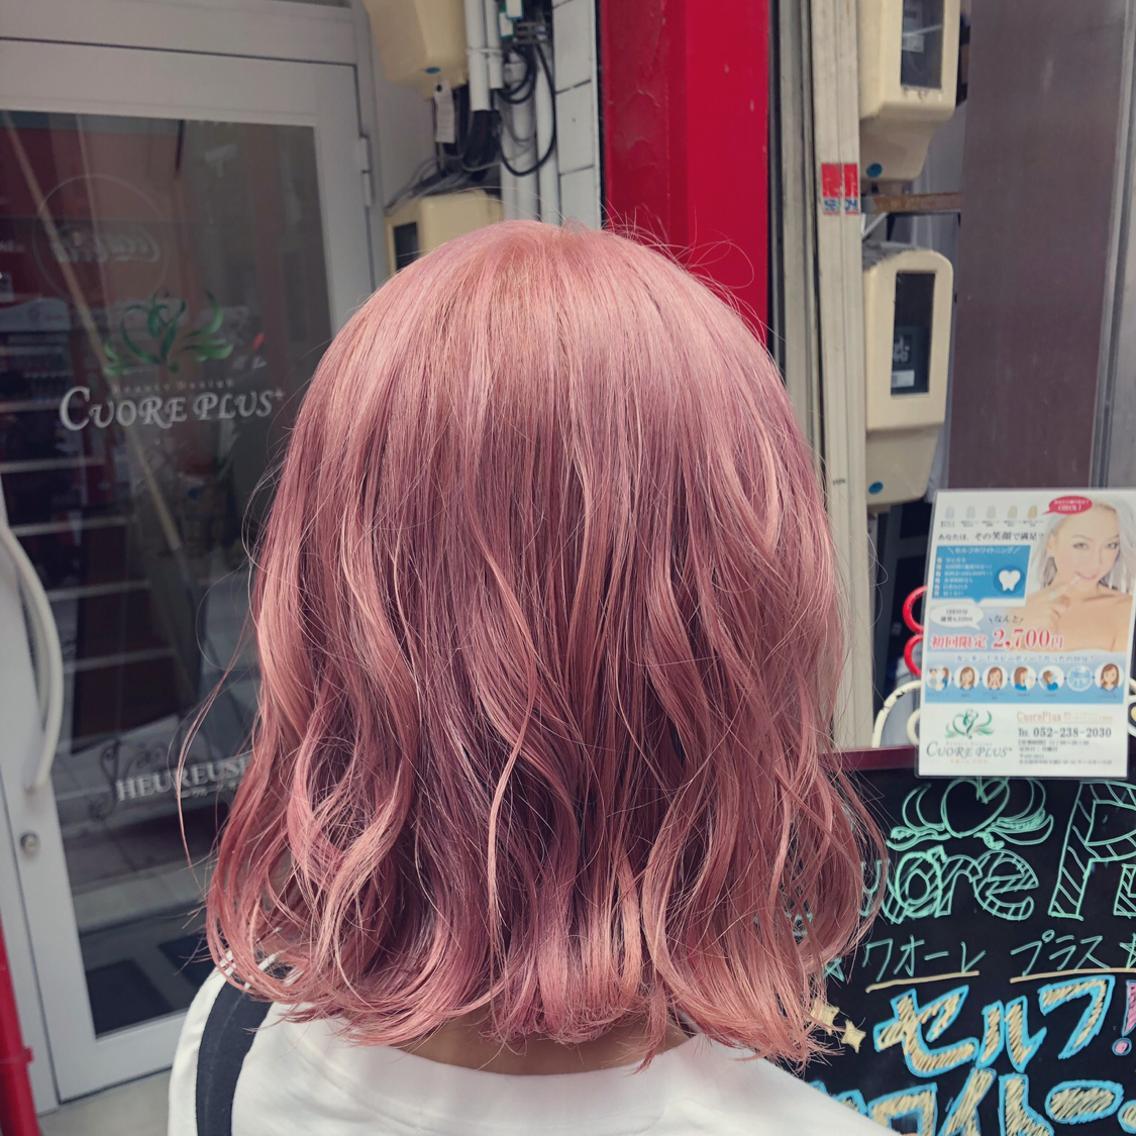 【当日大歓迎】大須商店街の中✨カラーリストのタヌです😆よろしくお願いします✨